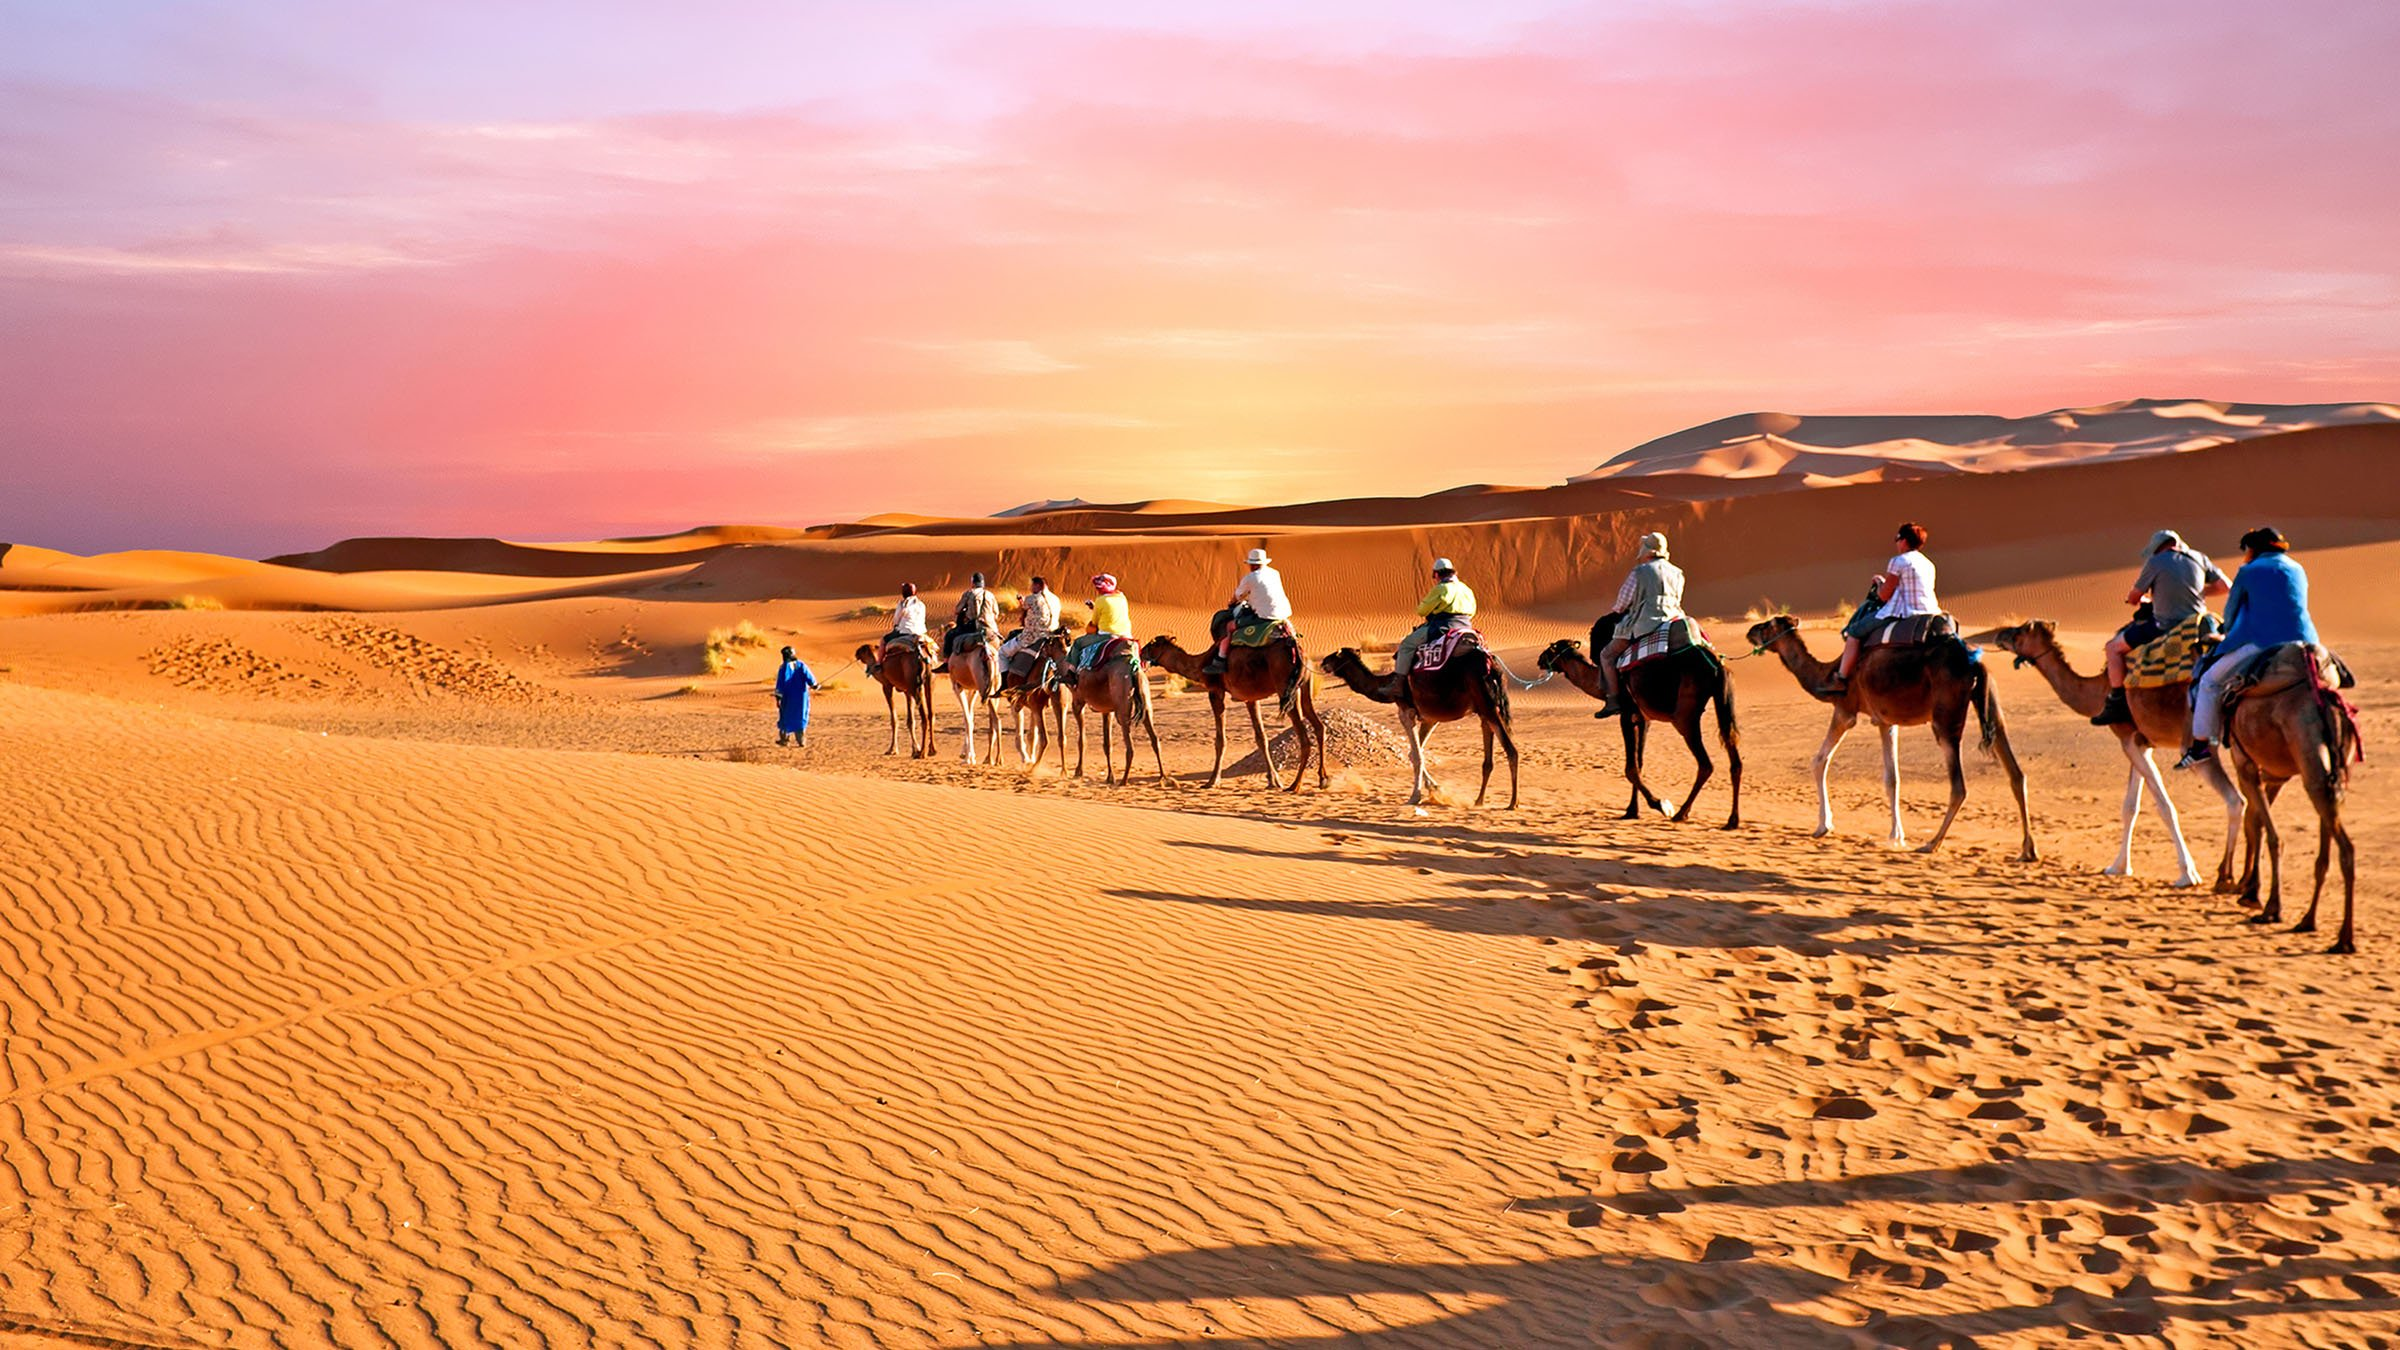 Bioclimático desierto del Sahara